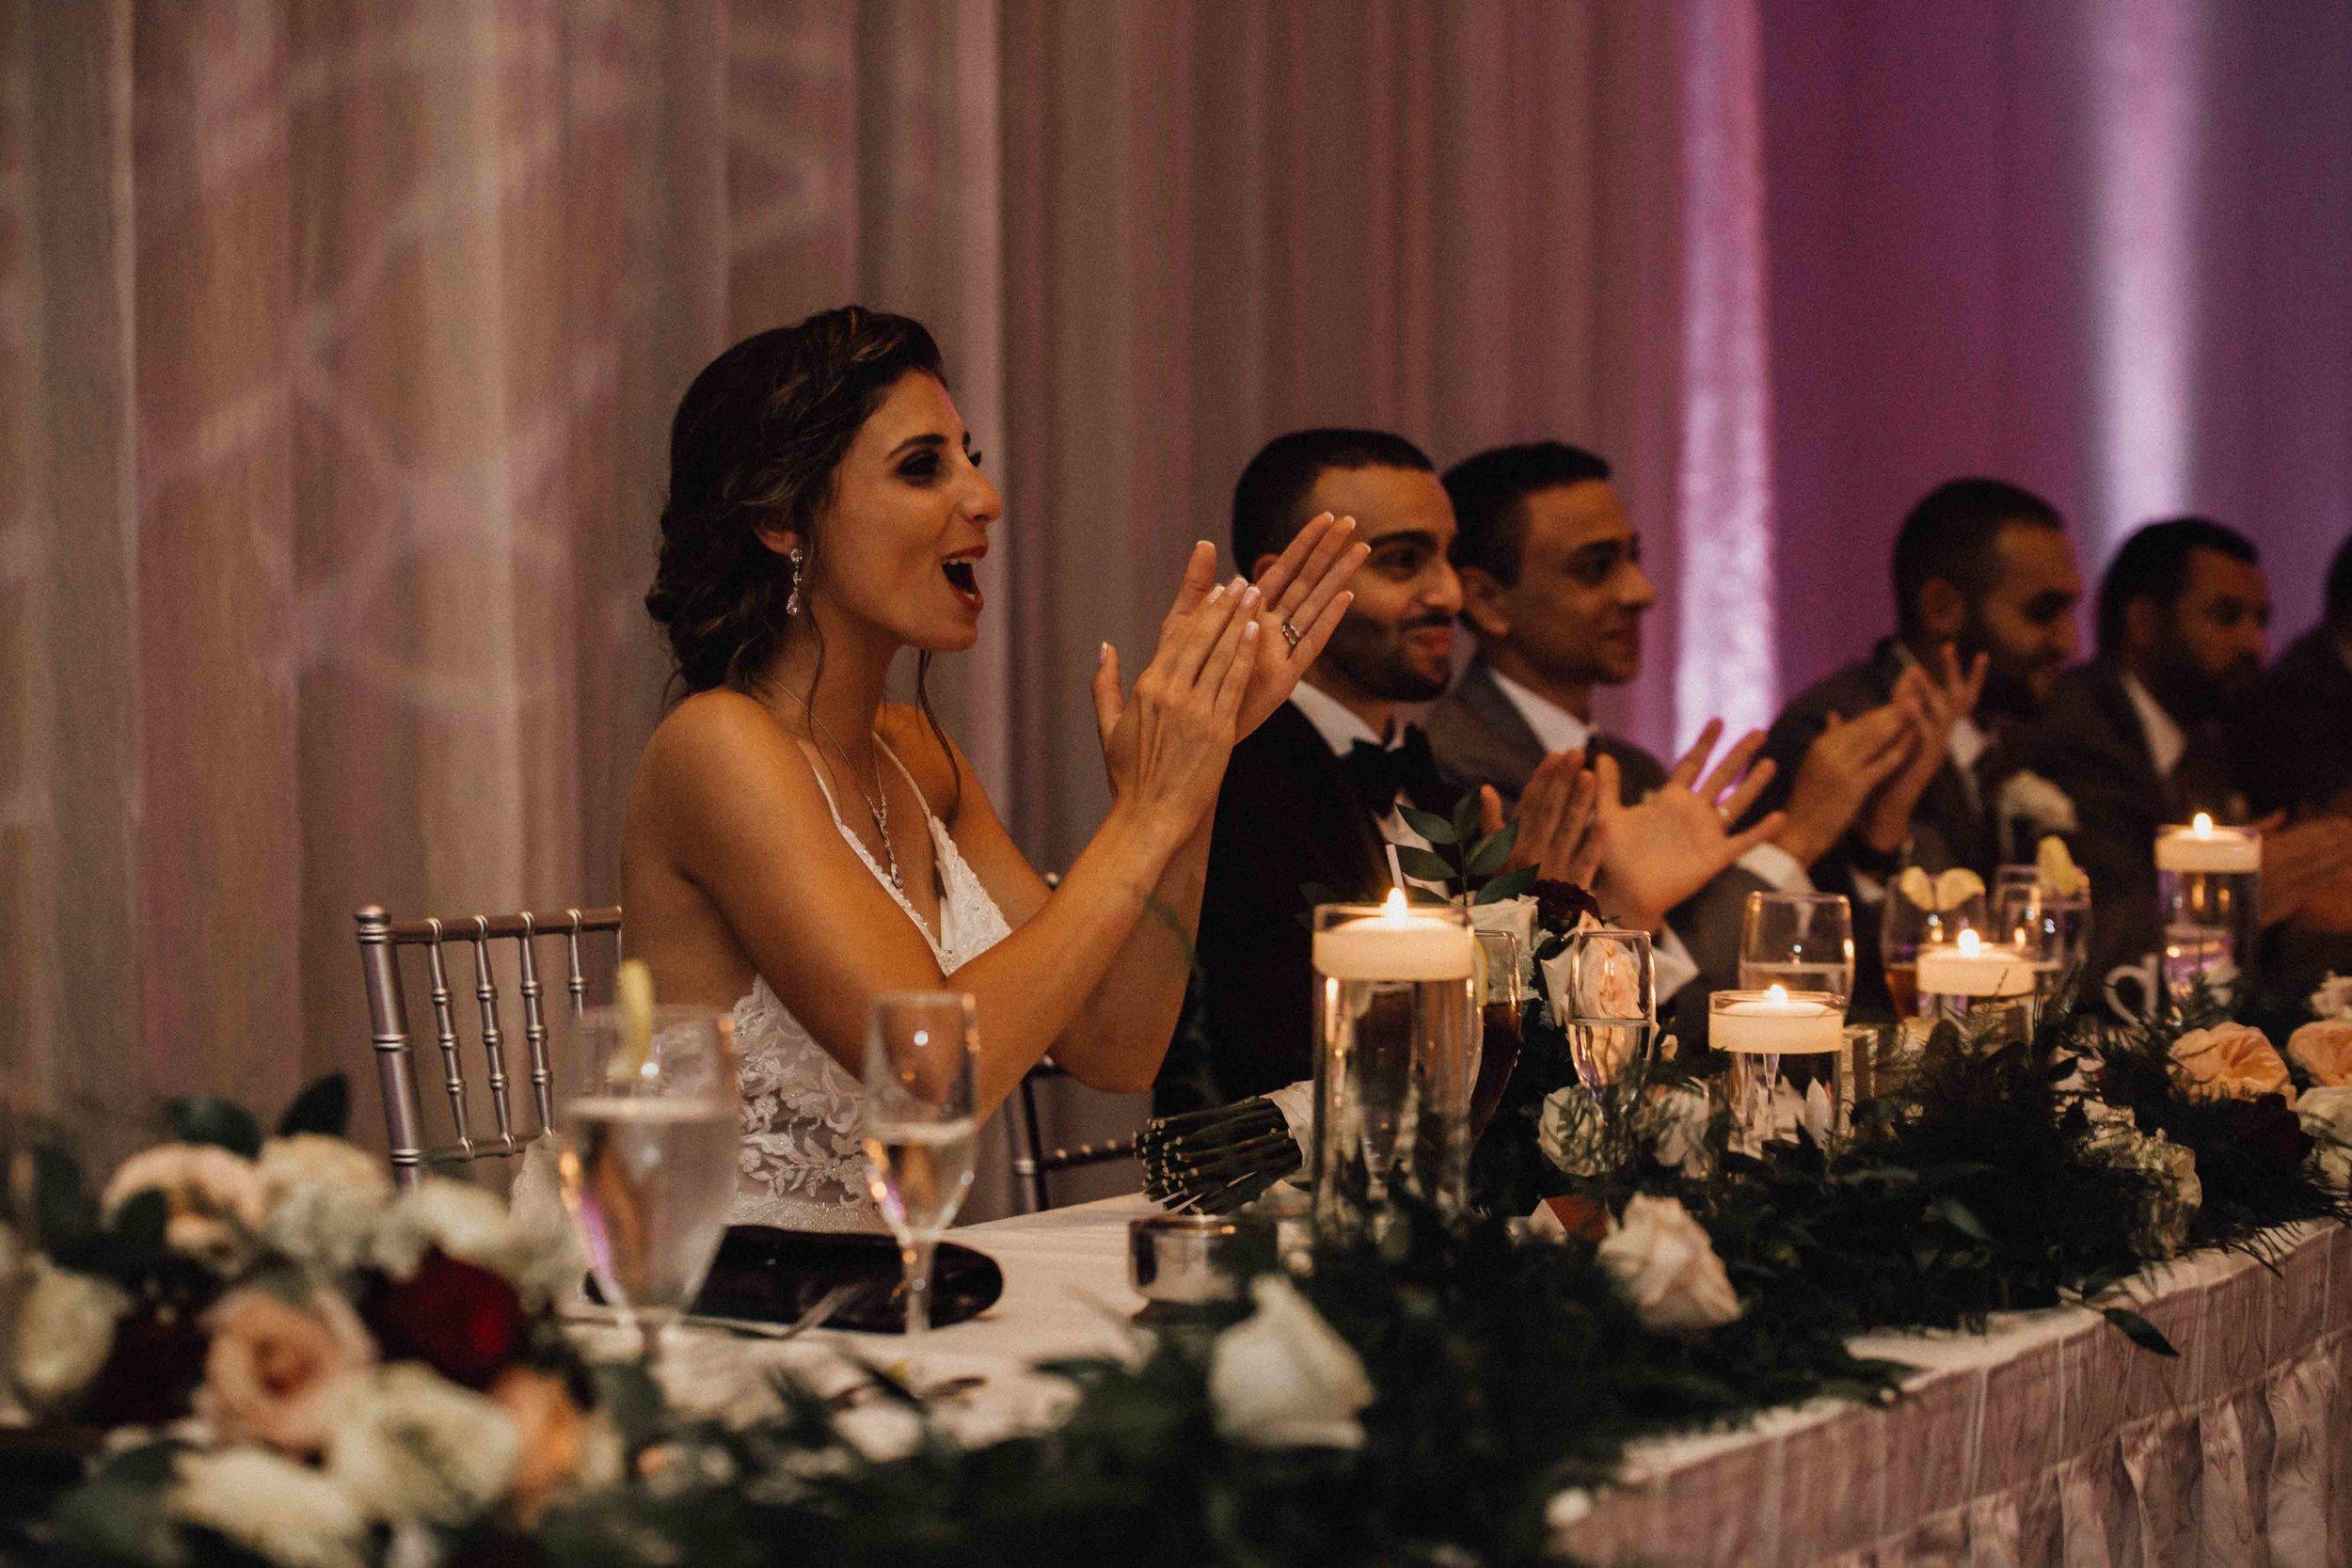 myrtle_beach_south_carolina_wedding_greek_orthodox102.jpg